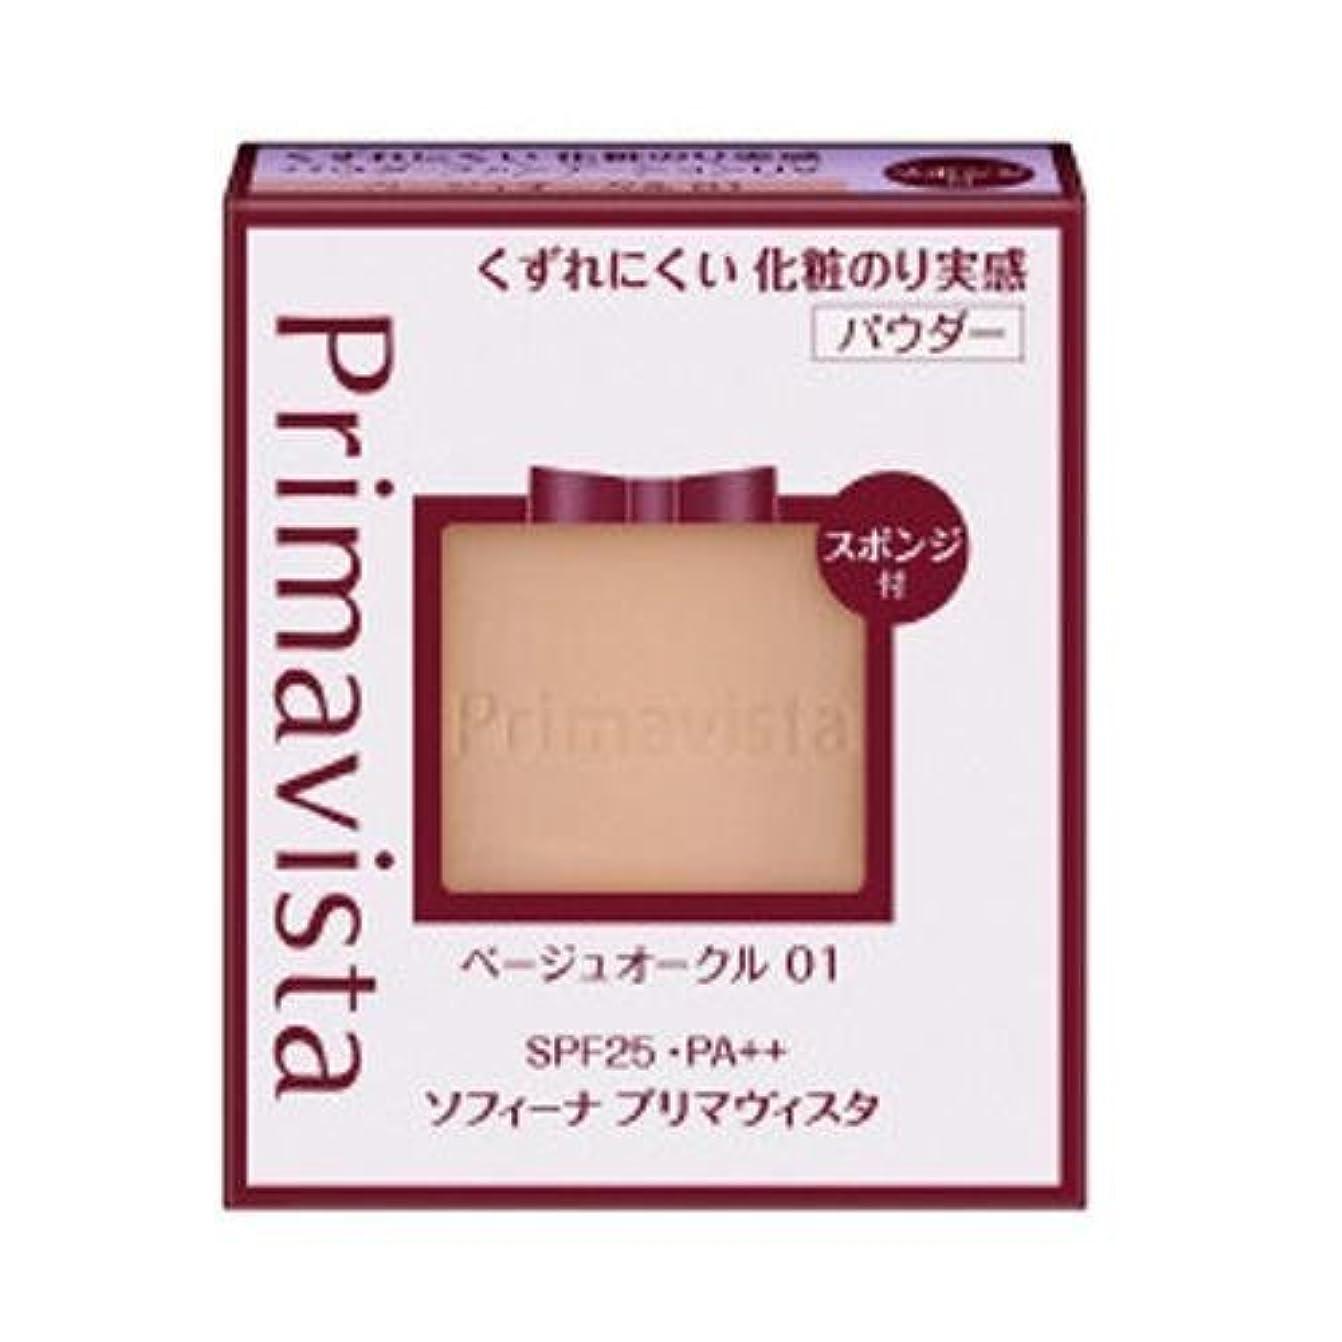 ソフィーナ プリマヴィスタ くずれにくい 化粧のり実感パウダーファンデーションUV ベージュオークル01 レフィル